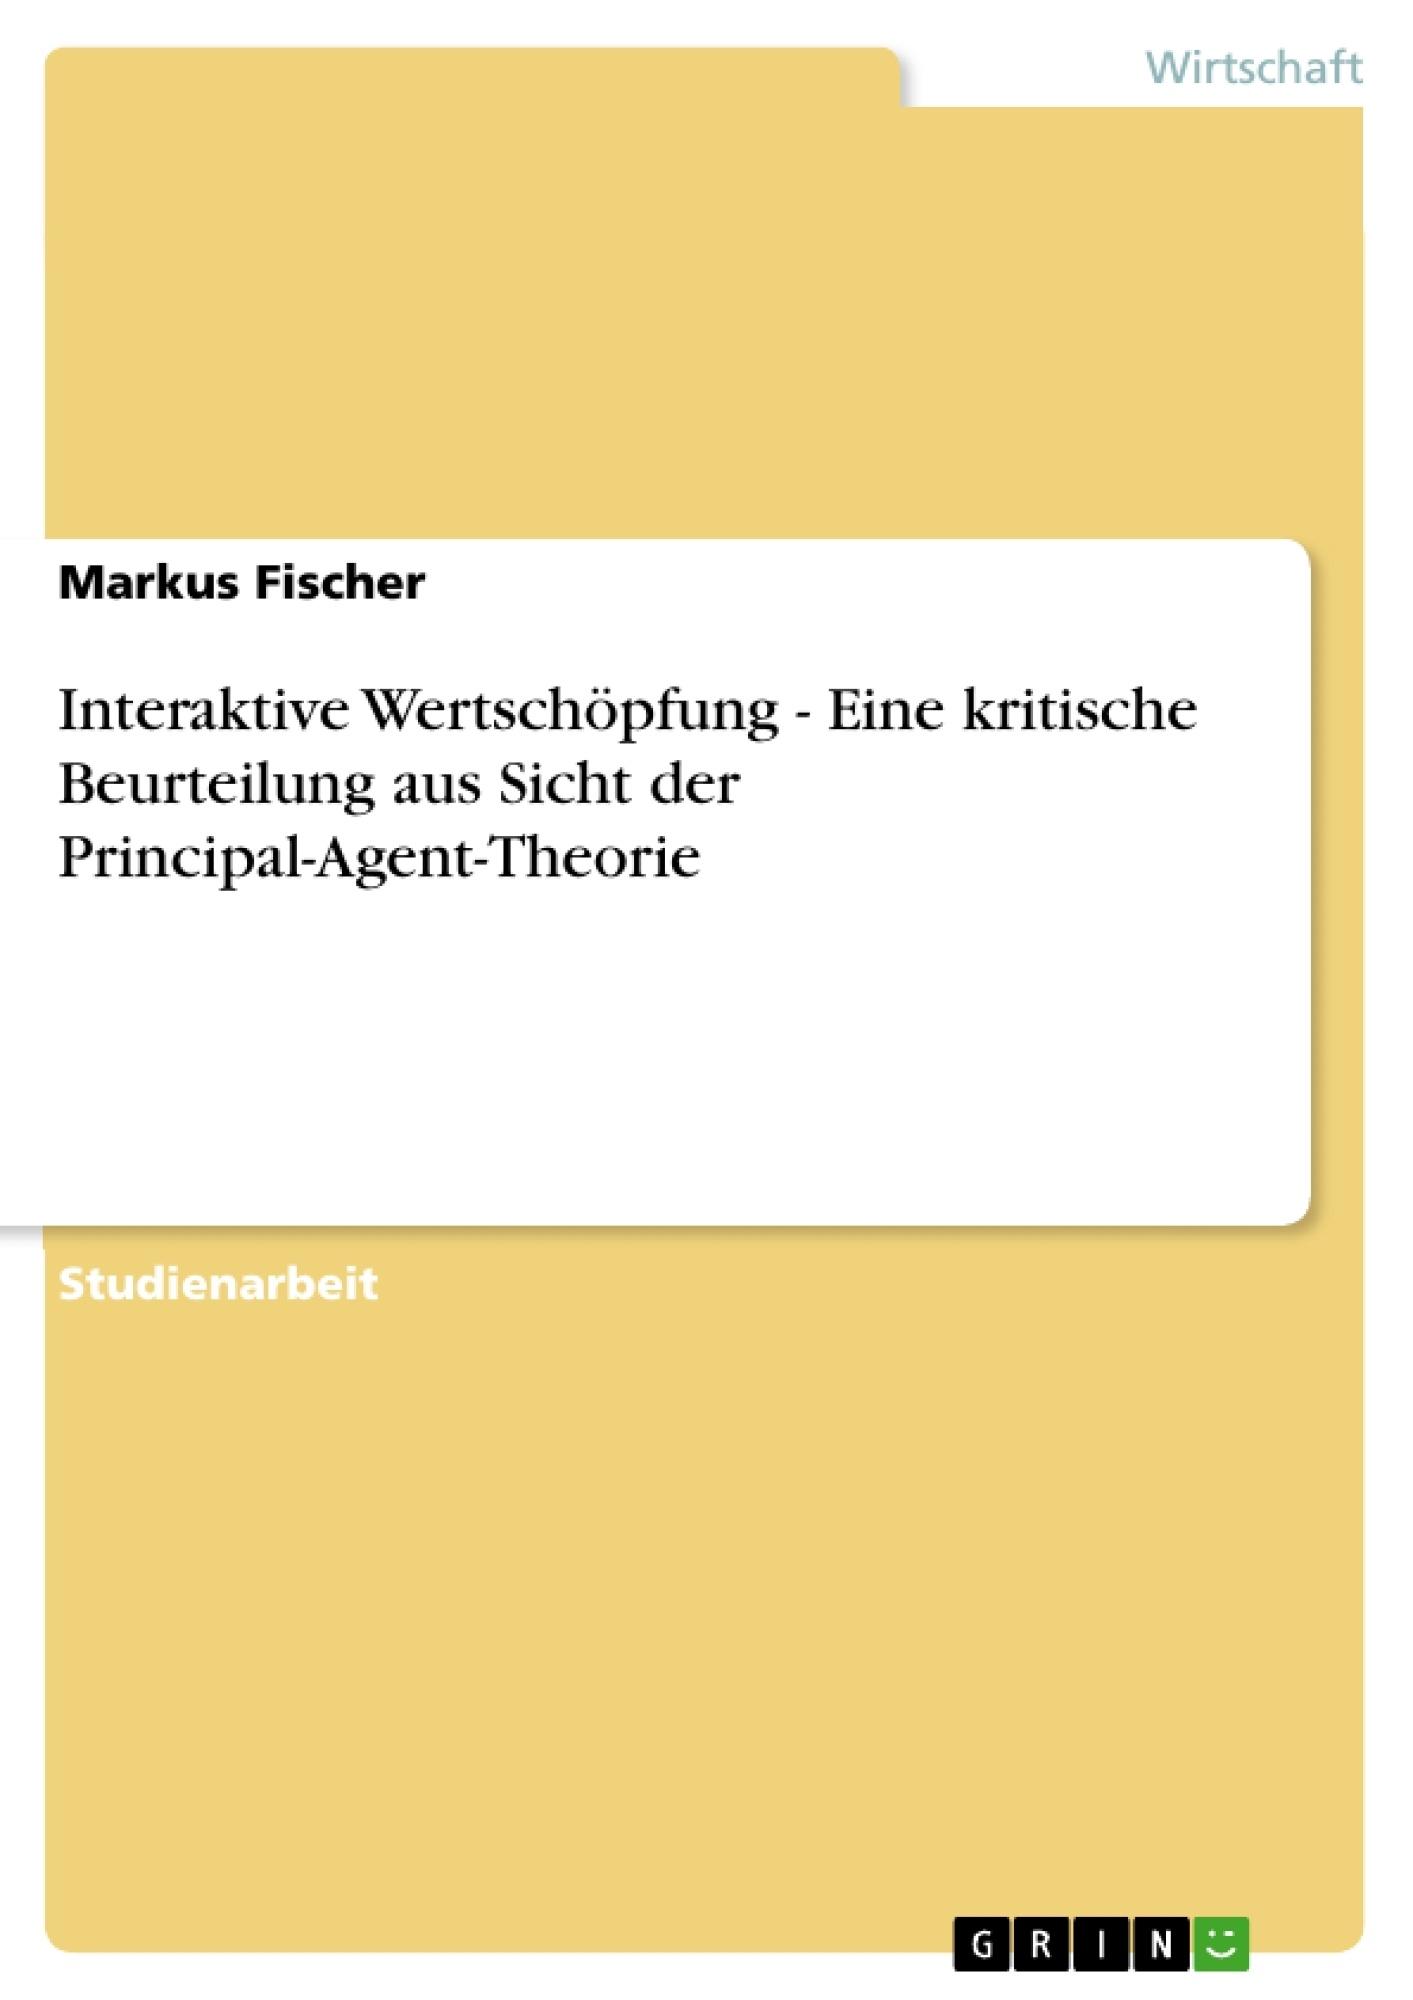 Titel: Interaktive Wertschöpfung - Eine kritische Beurteilung aus Sicht der Principal-Agent-Theorie